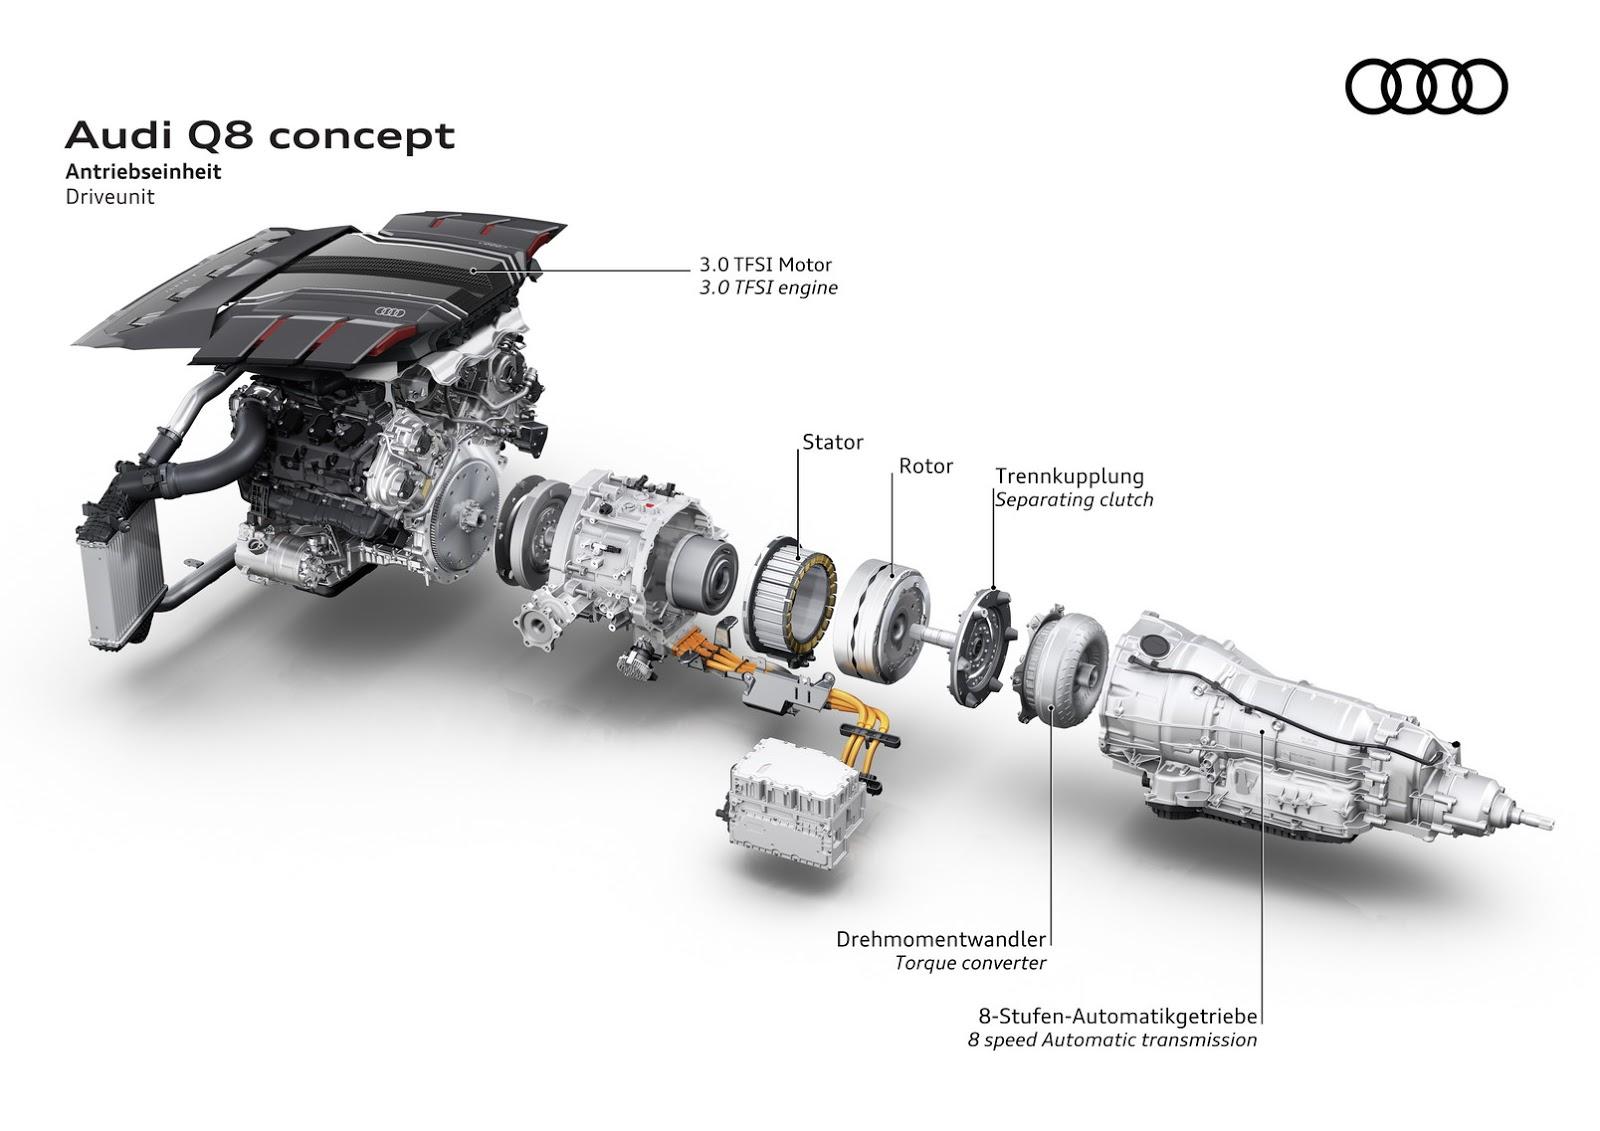 Audi_Q8_concept_31